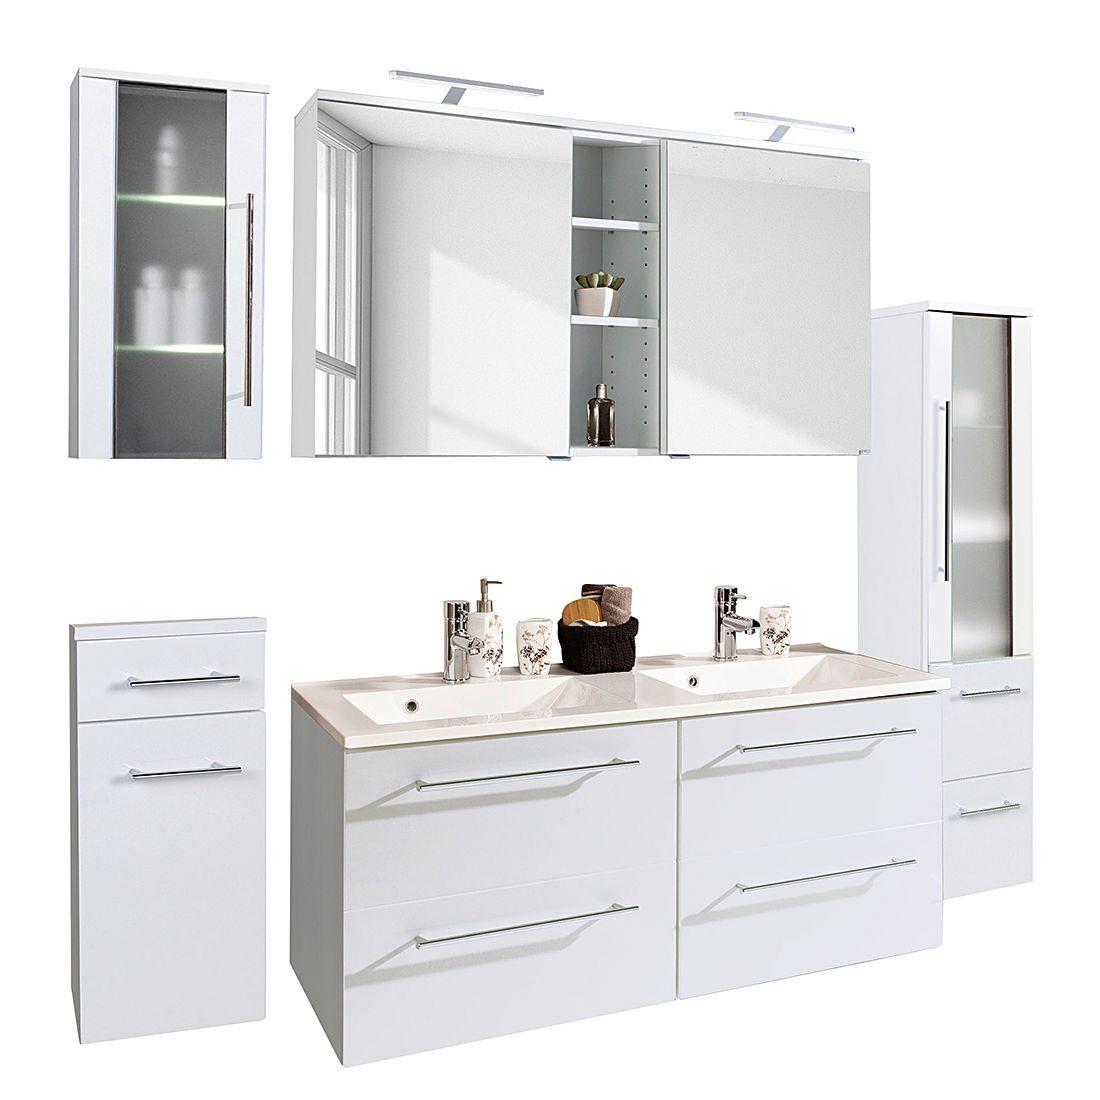 Waschtisch Set Gali (5 Teilig)   Weiß   120 Cm, Fredriks Jetzt Bestellen  Unter: Https://moebel.ladendirekt.de/bad/badmoebel/badmoebel Sets/?uidu003dd0789ebf   ...